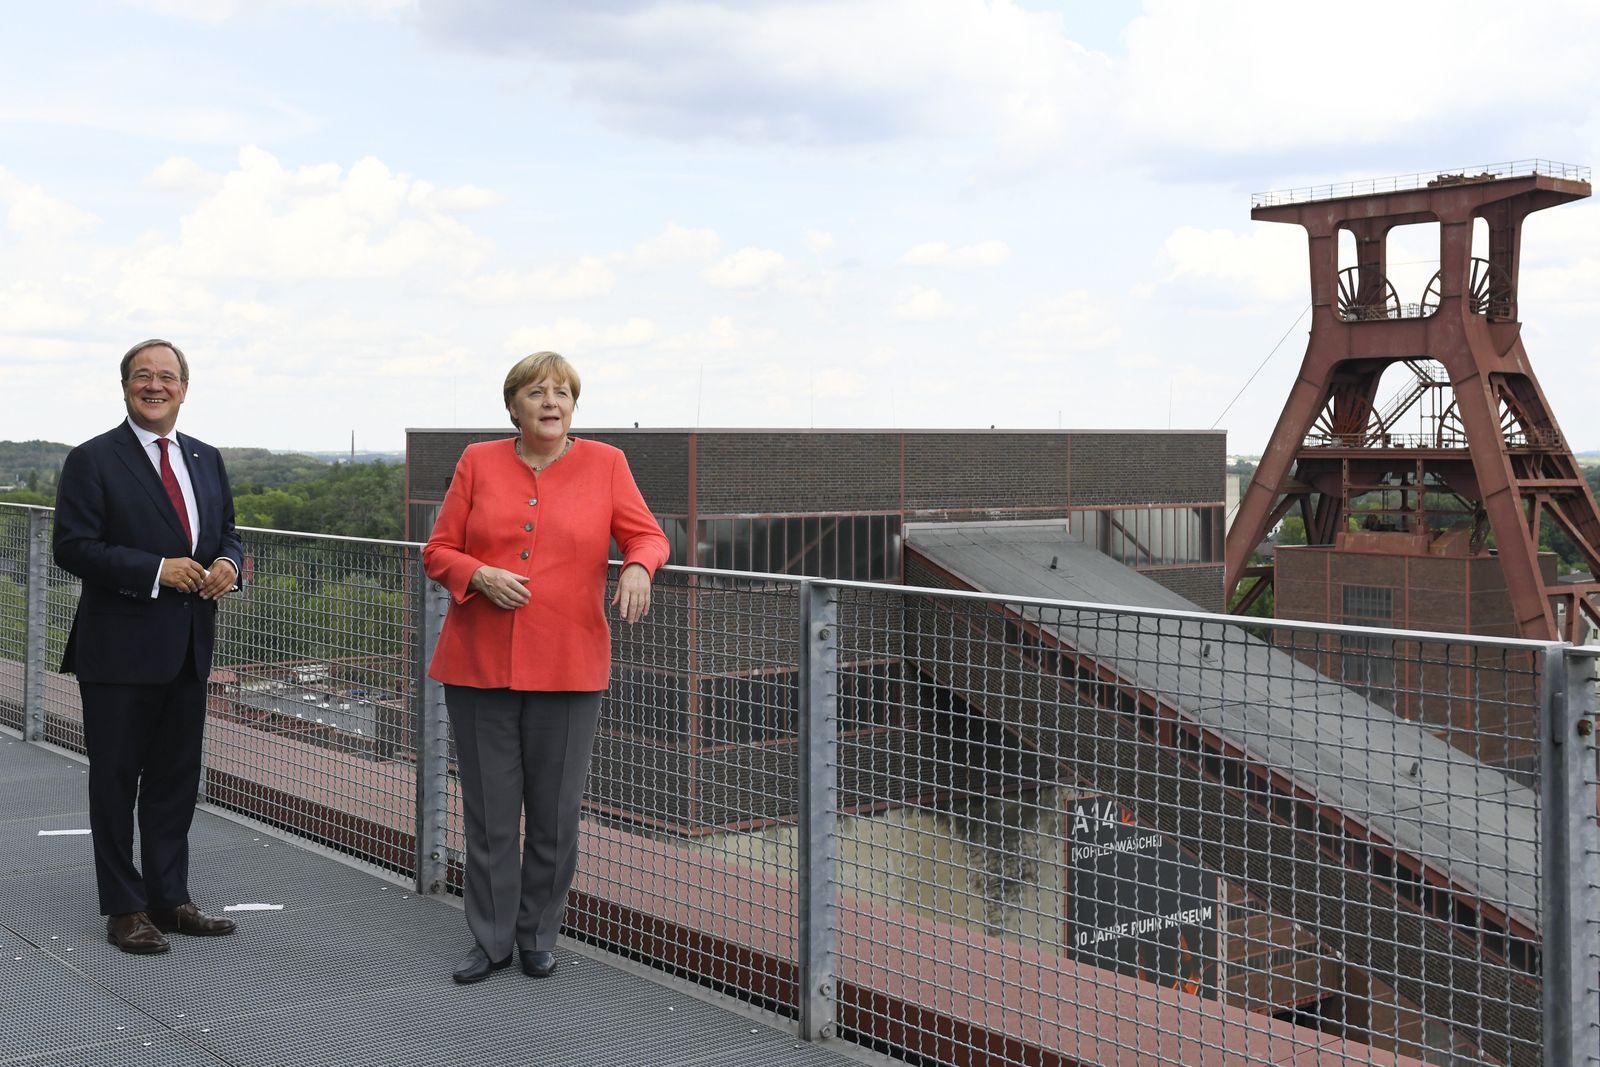 Merkel Visits North Rhine-Westphalia